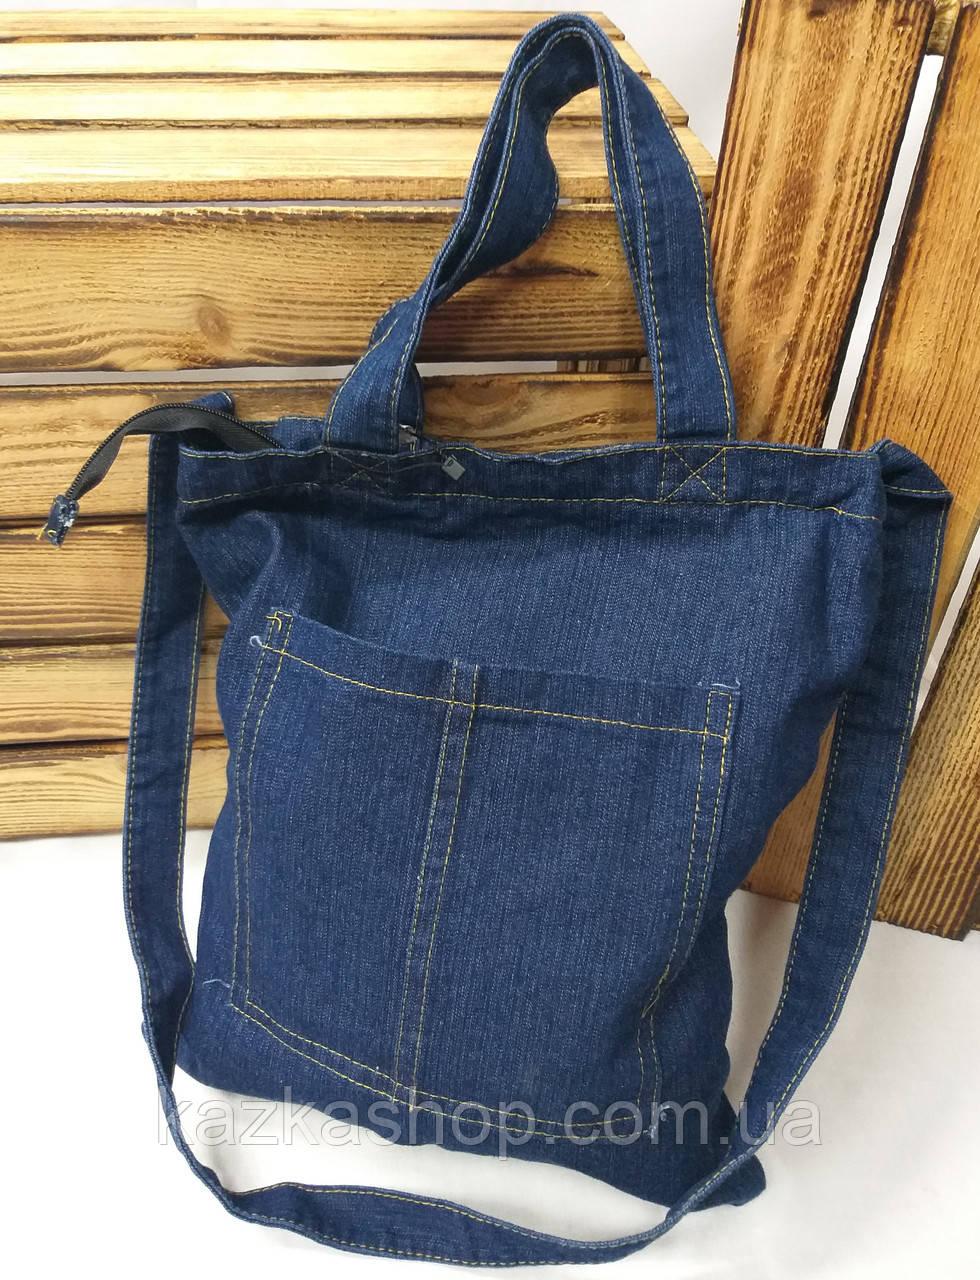 Джинсовая, текстильная сумка, прогулочная, без подклада, один основной отдел, с плечевым ремнем